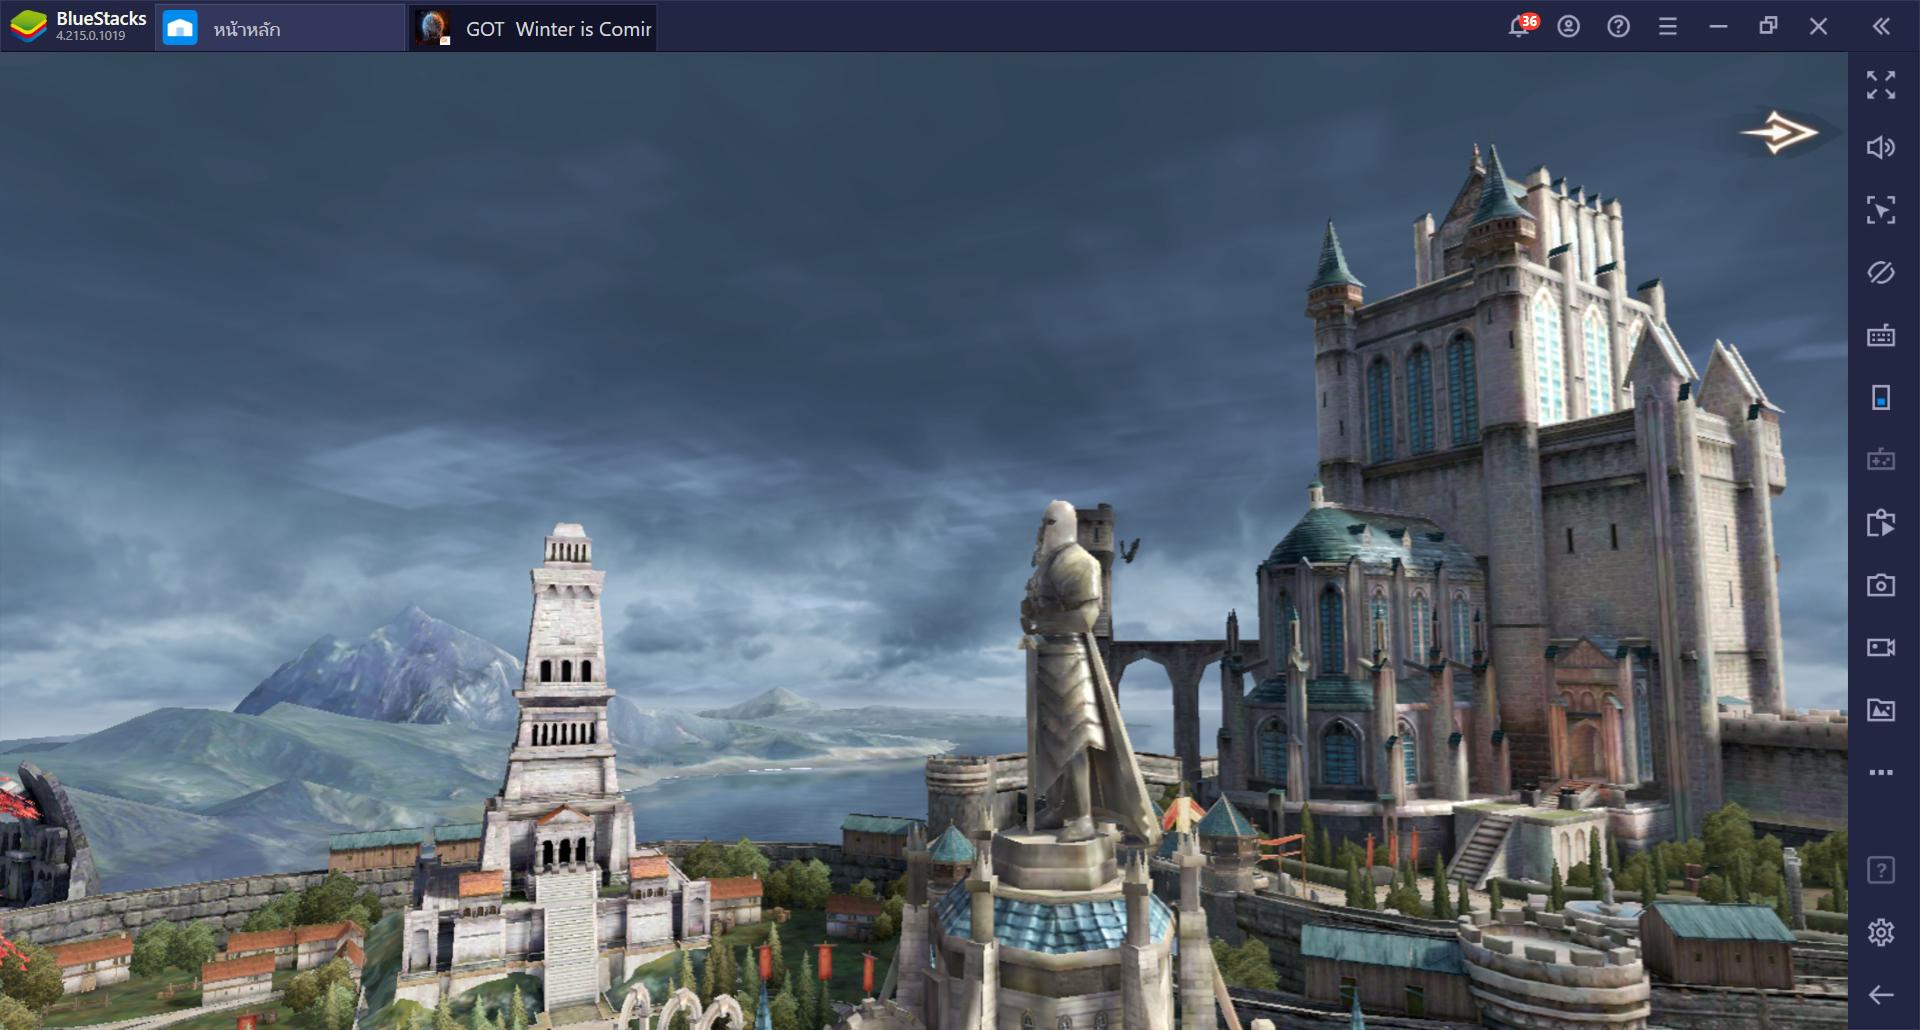 เควสในเกม Game of Throne: Winter is Coming มีแบบไหนบ้างอันไหนสำคัญสุด?